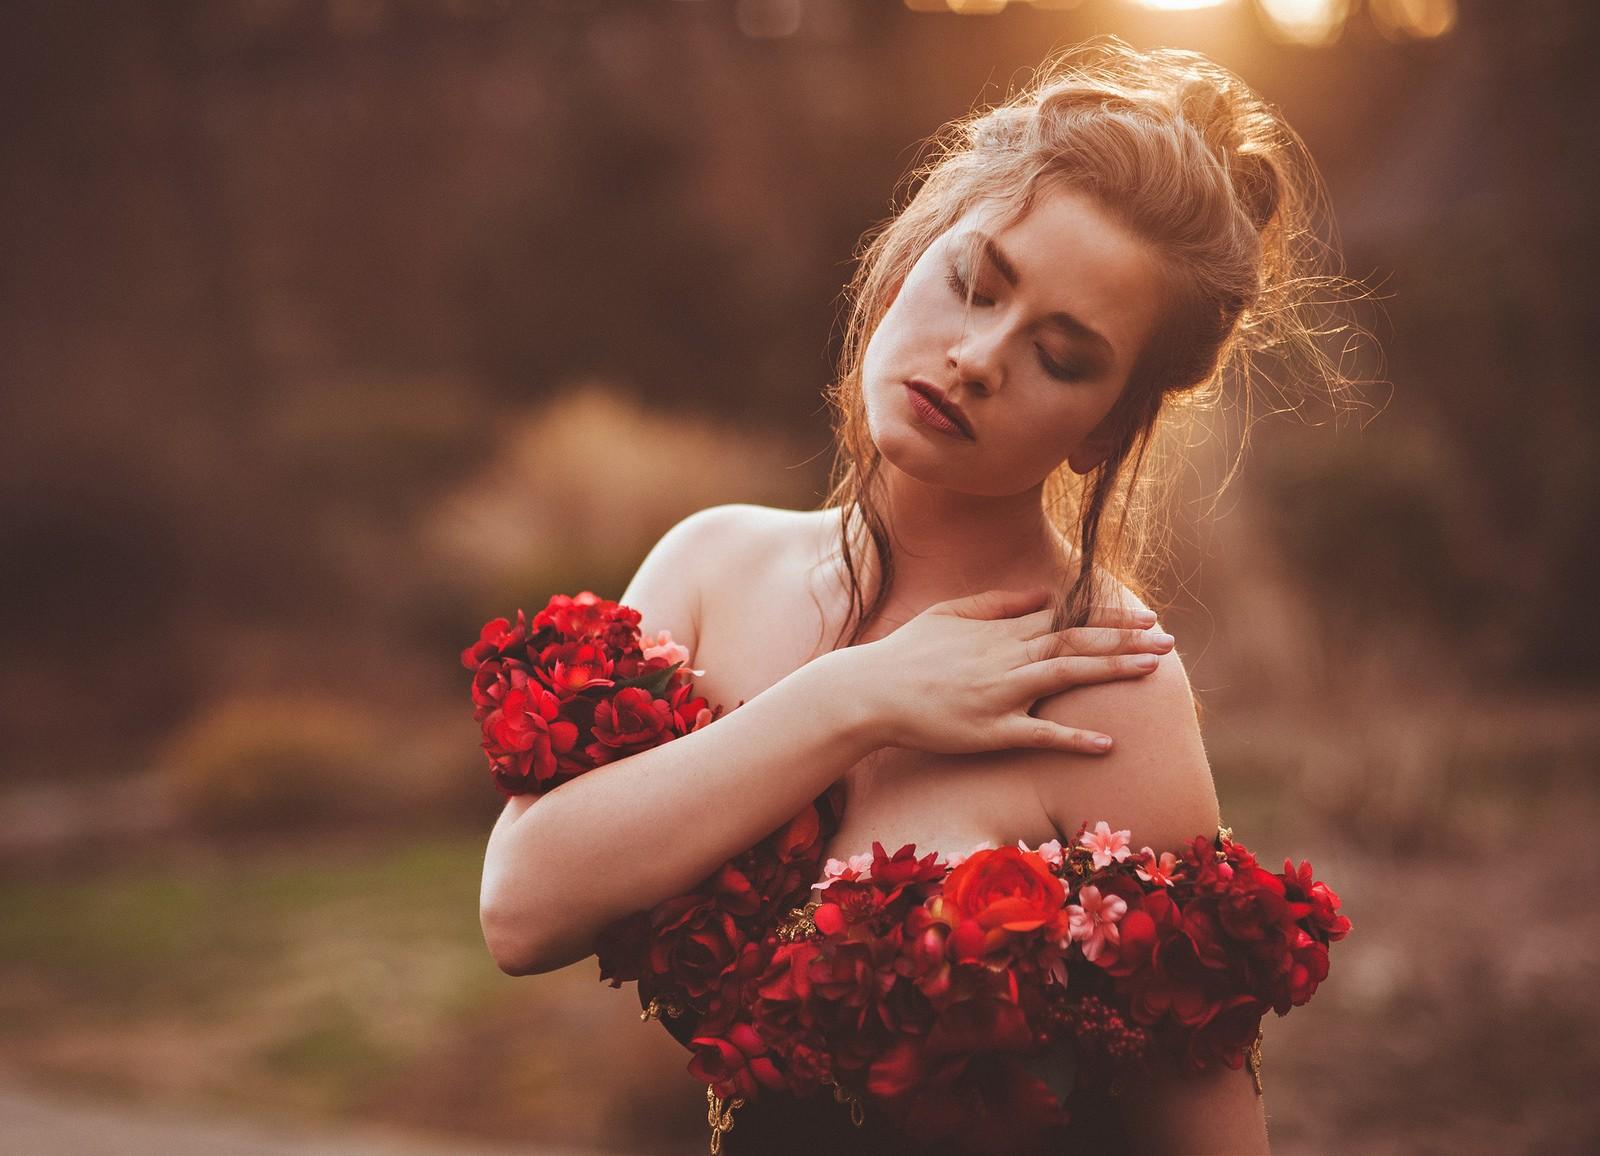 Красивые девушки с цветами картинки